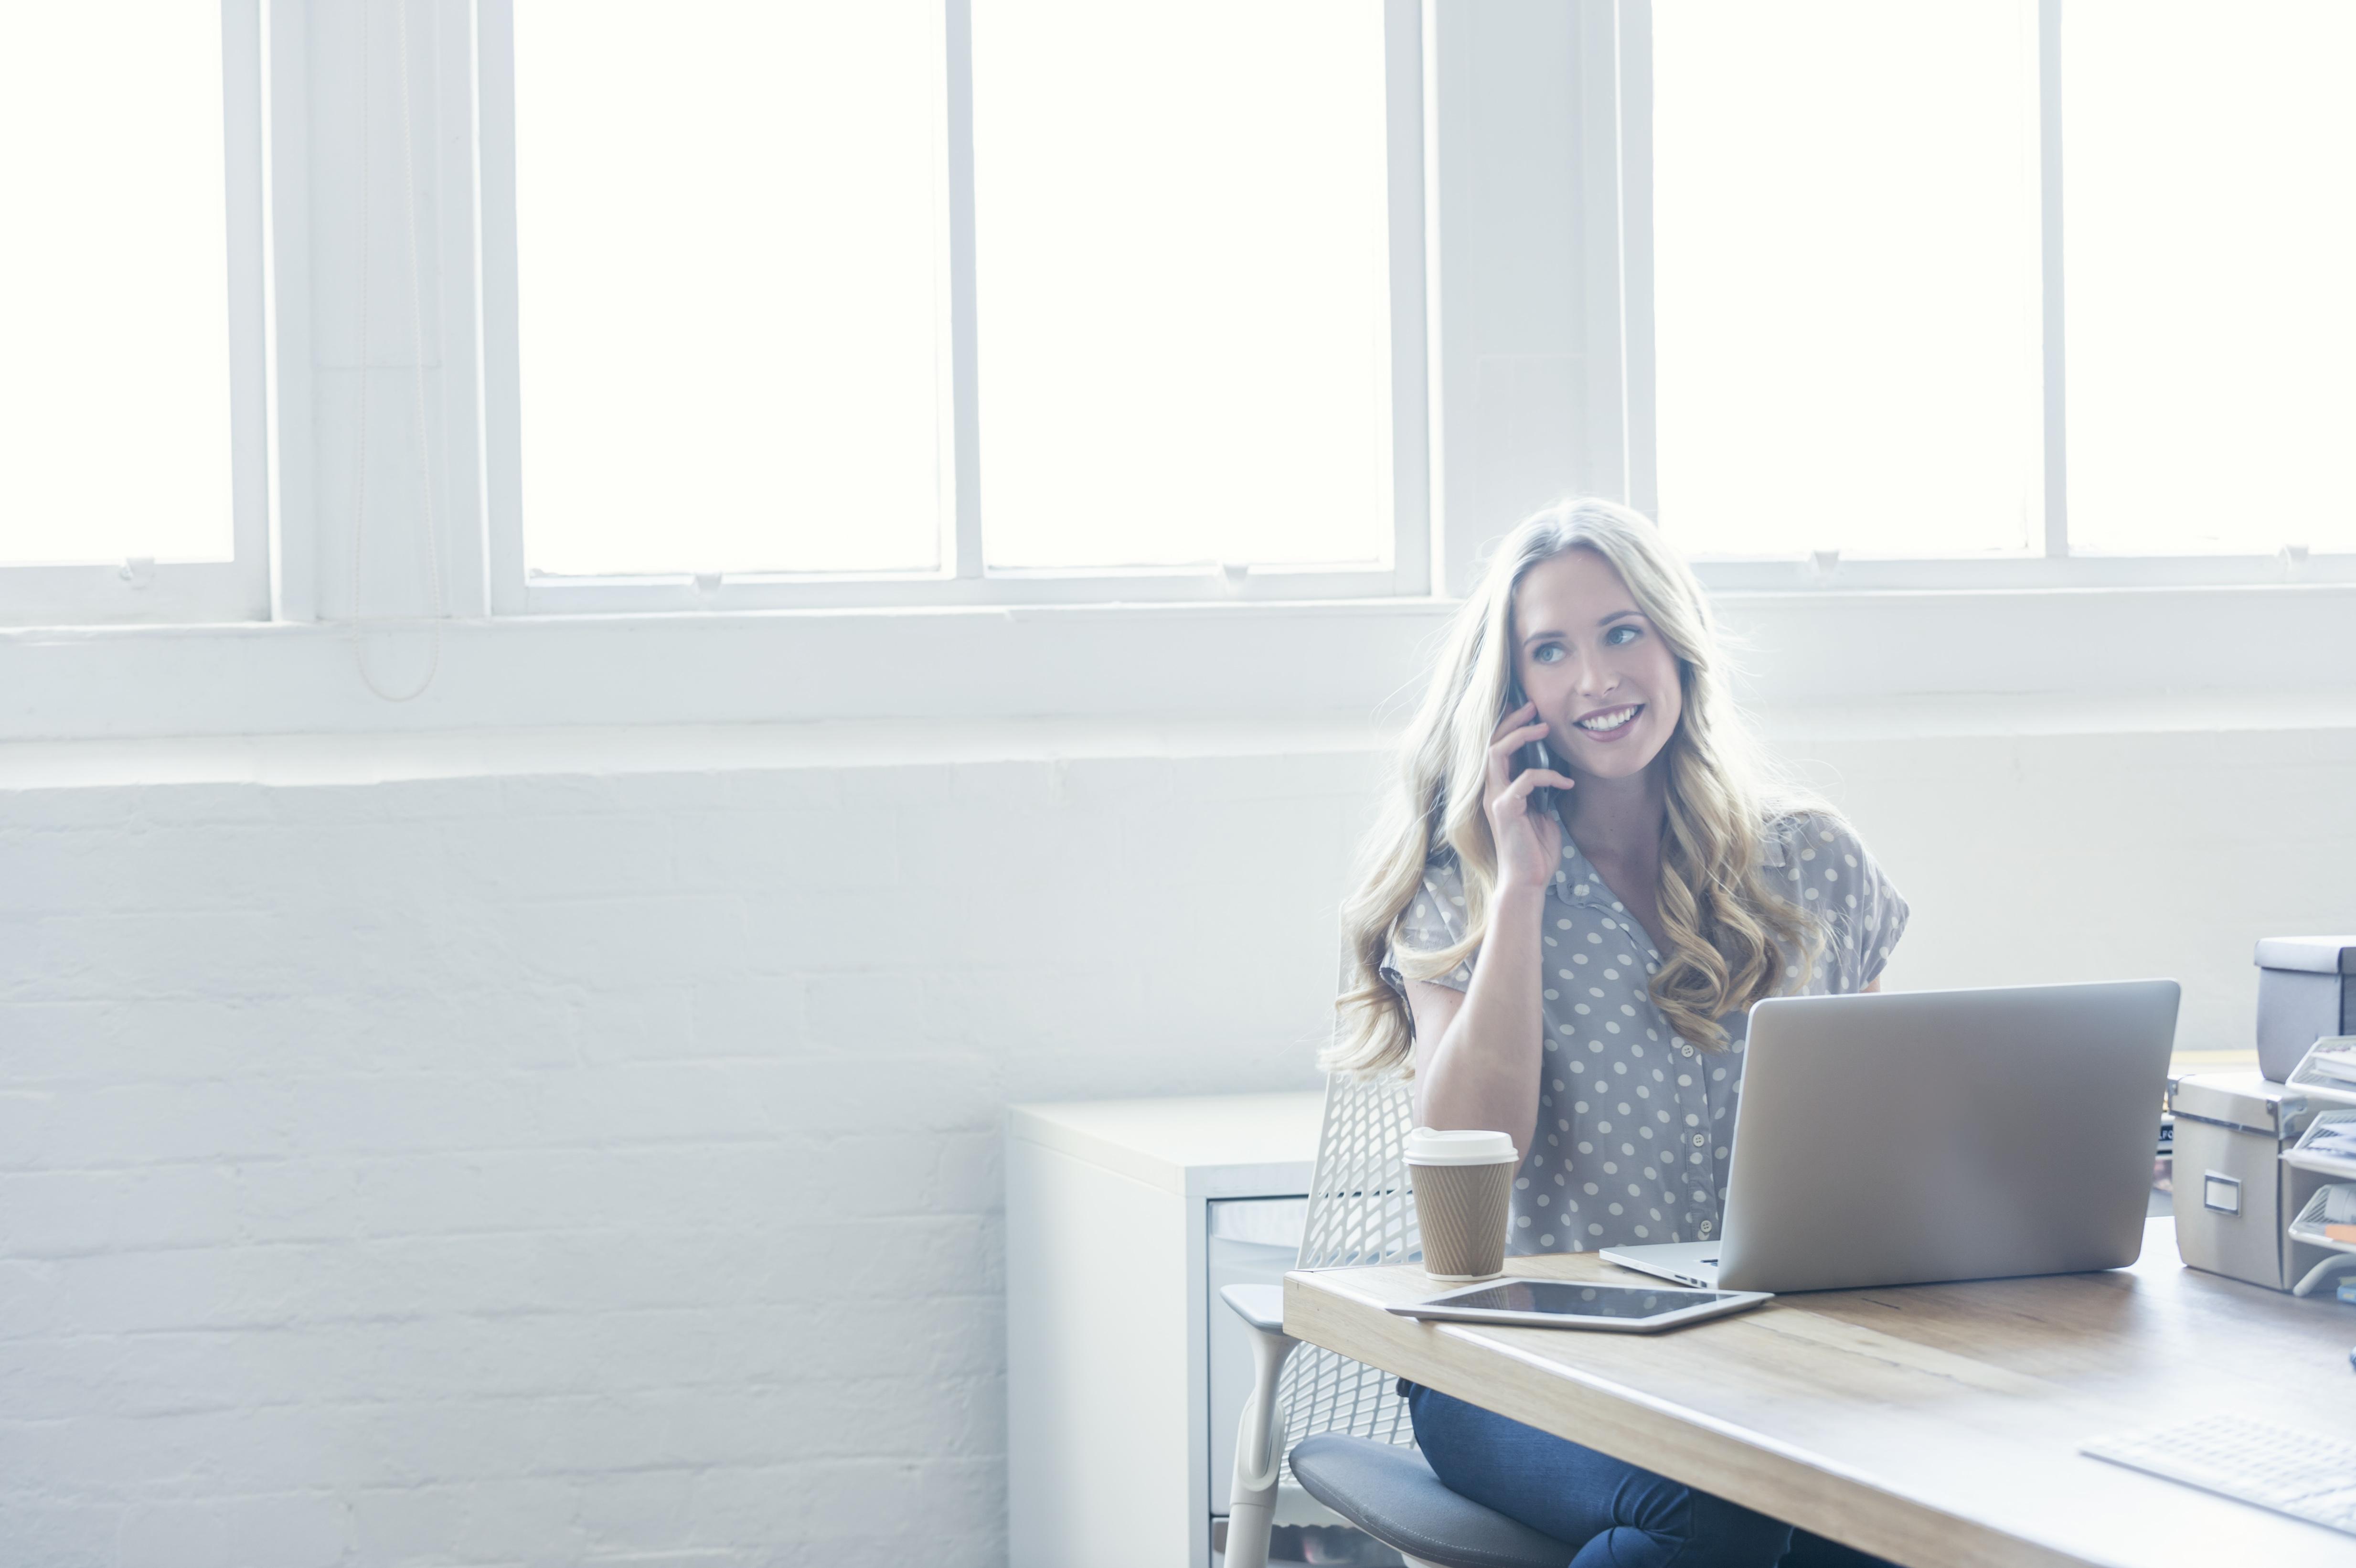 Et si apprendre une langue par téléphone était LA solution pour vous ou pour votre entreprise?